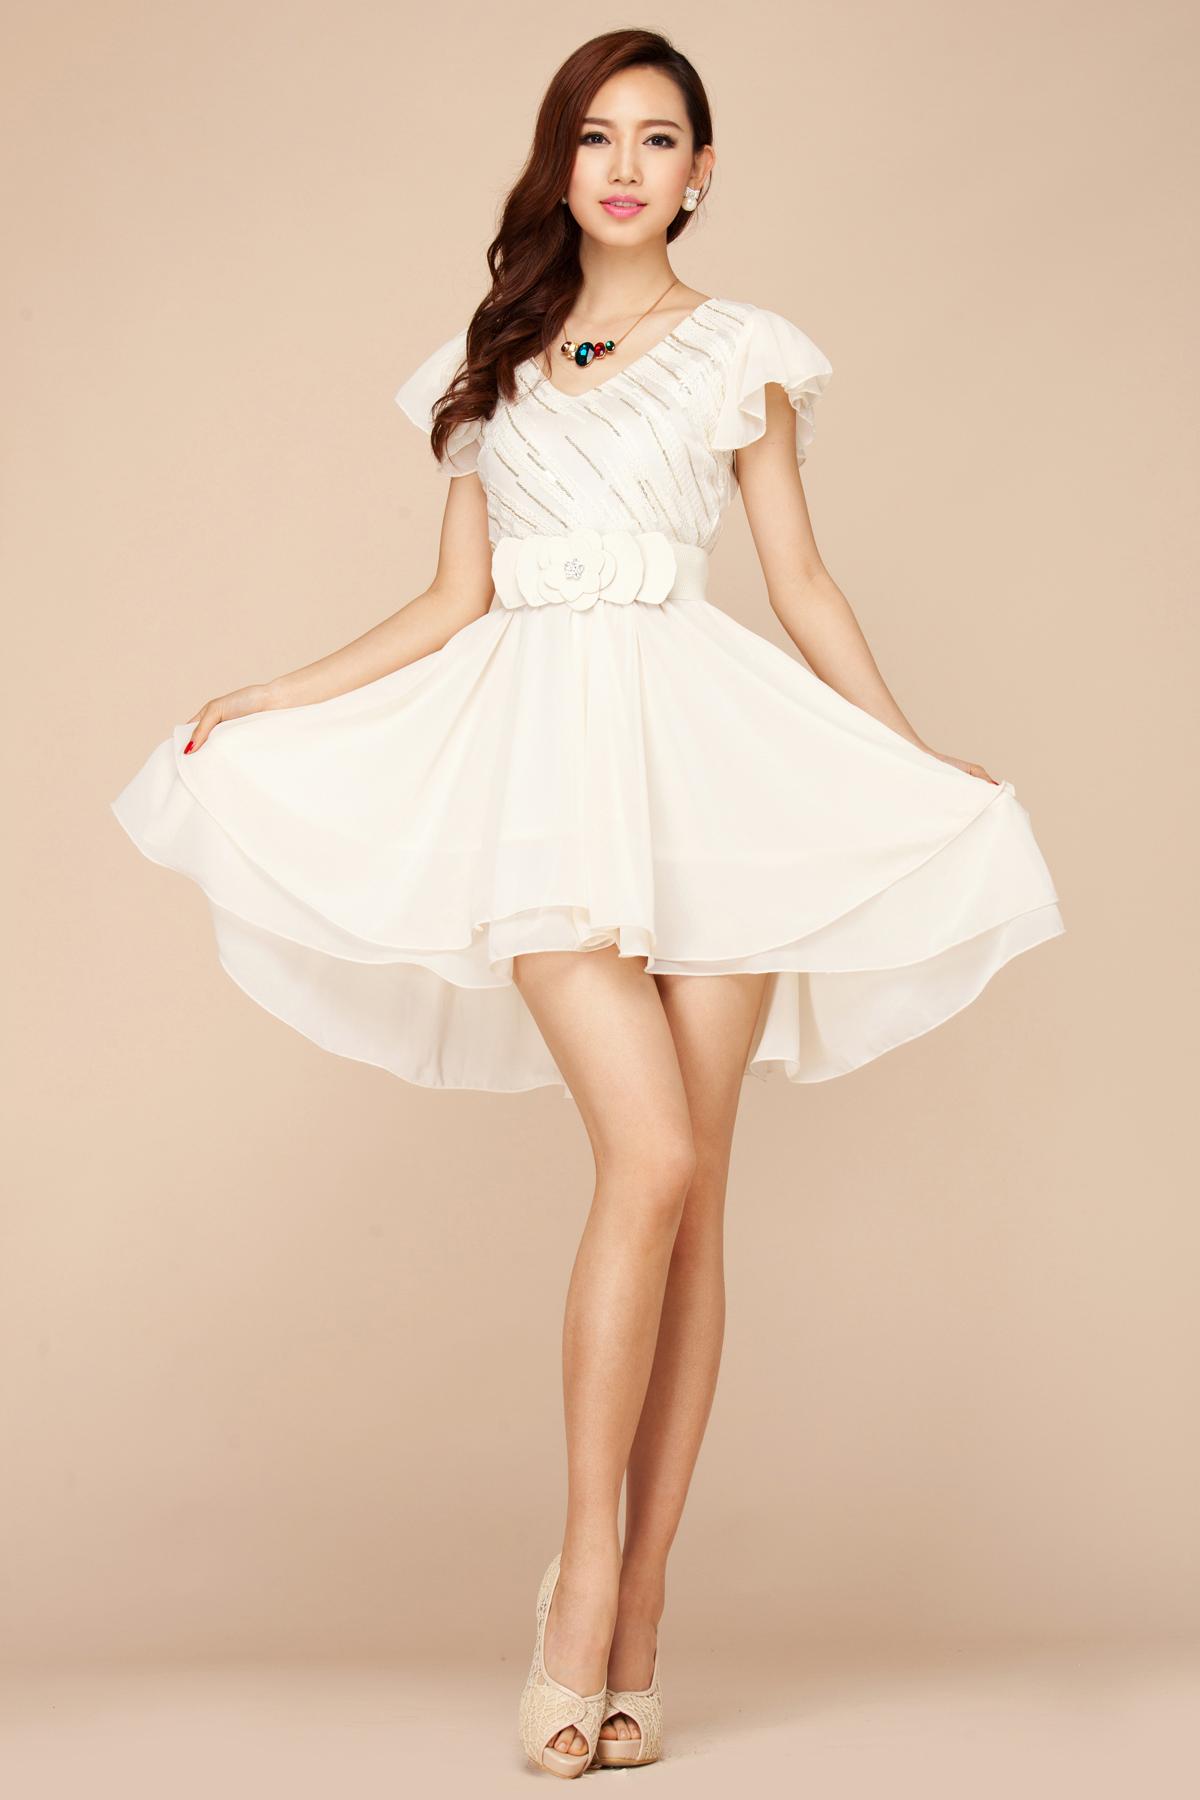 女夏装上衣中袖雪纺_夏季女装韩版白色V领雪纺选什么牌子好 同款好推荐